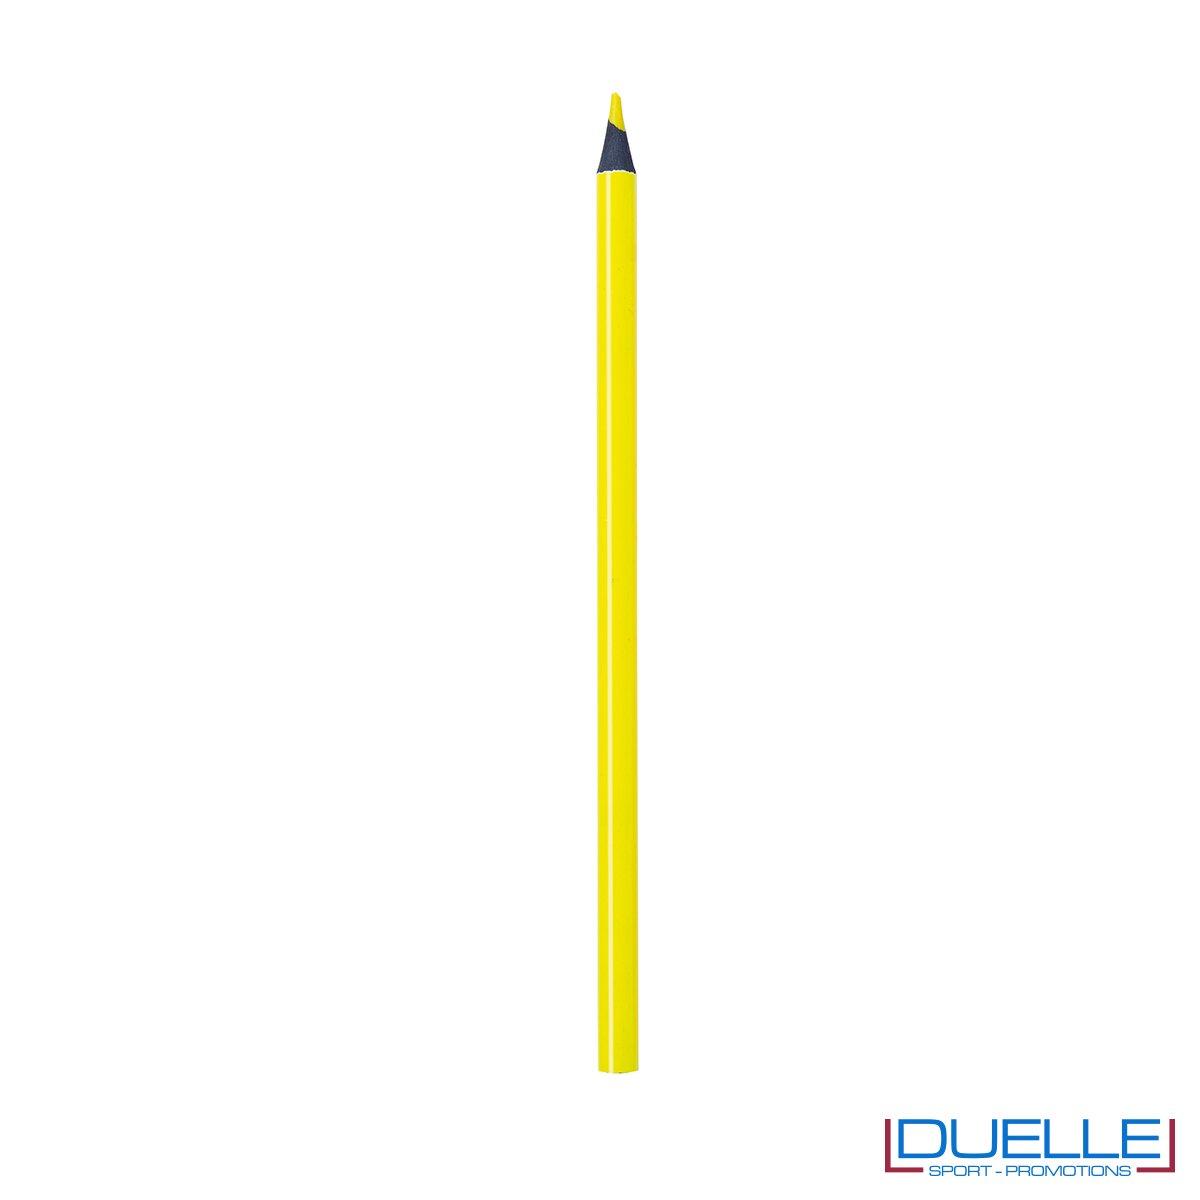 matita personalizzabile gialla con mina evidenziatore, gadget legno, gadget ufficio